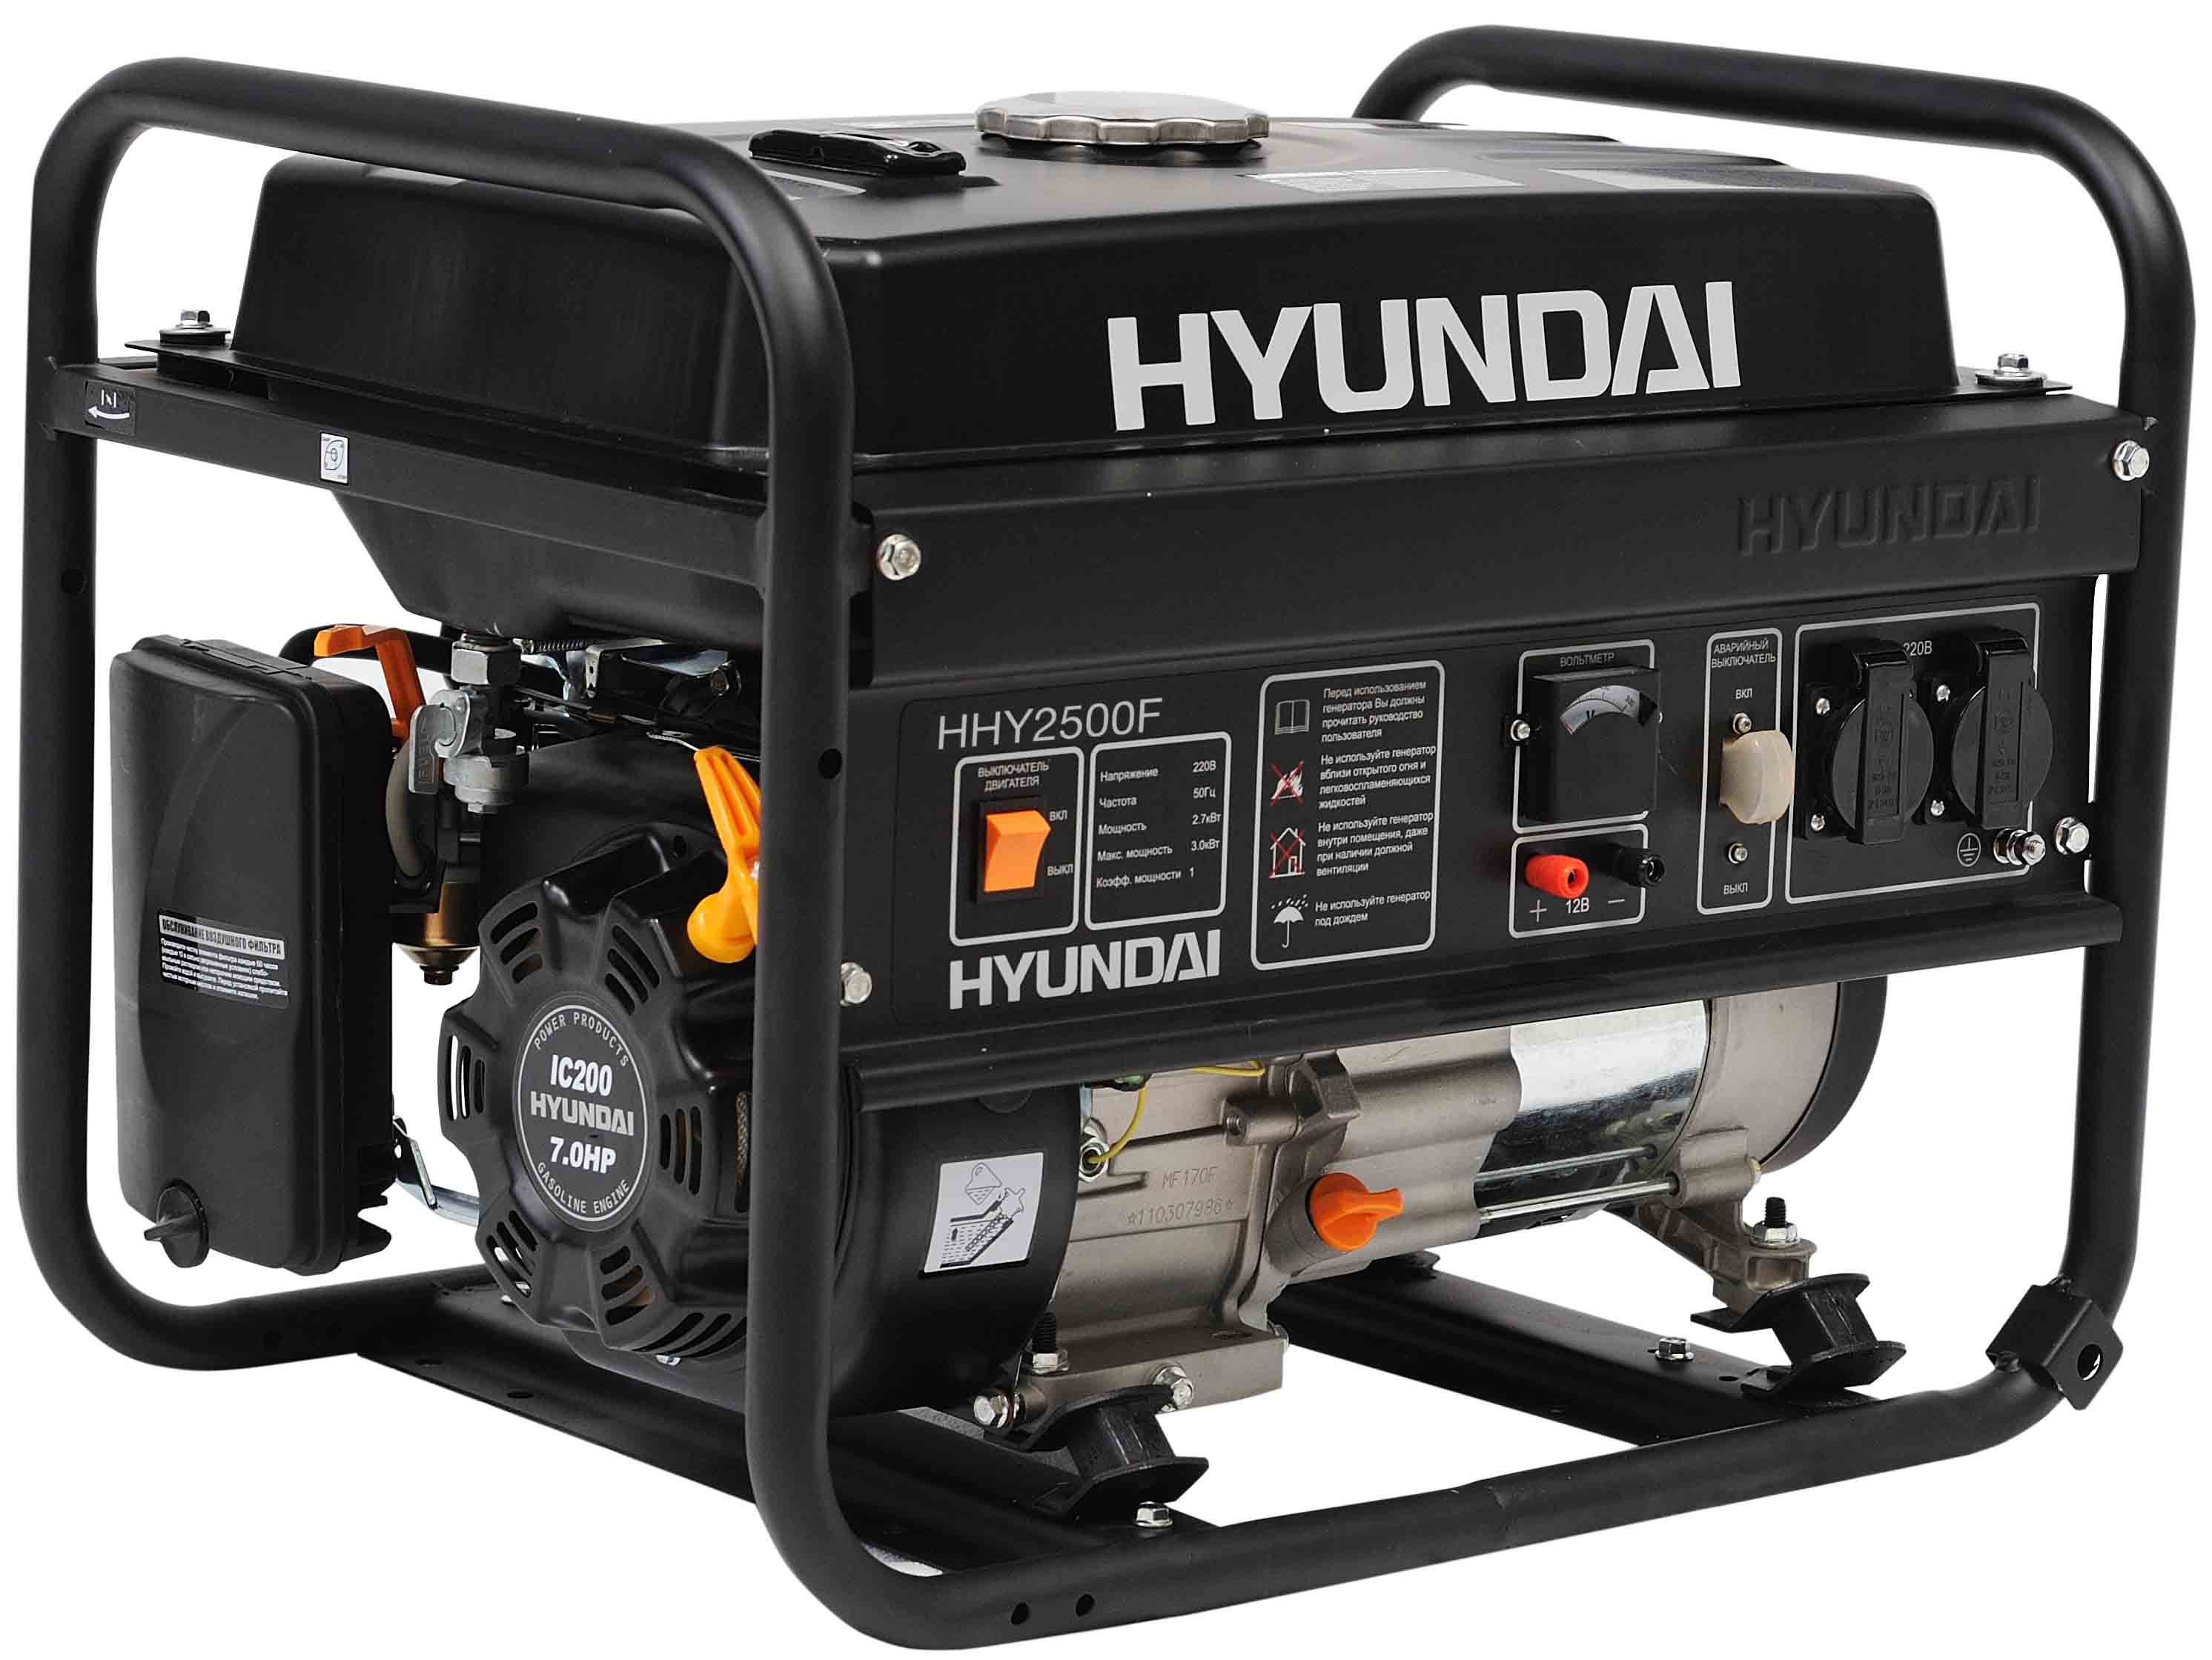 сервисные инструкции на инверторный бензогенератор hyundai